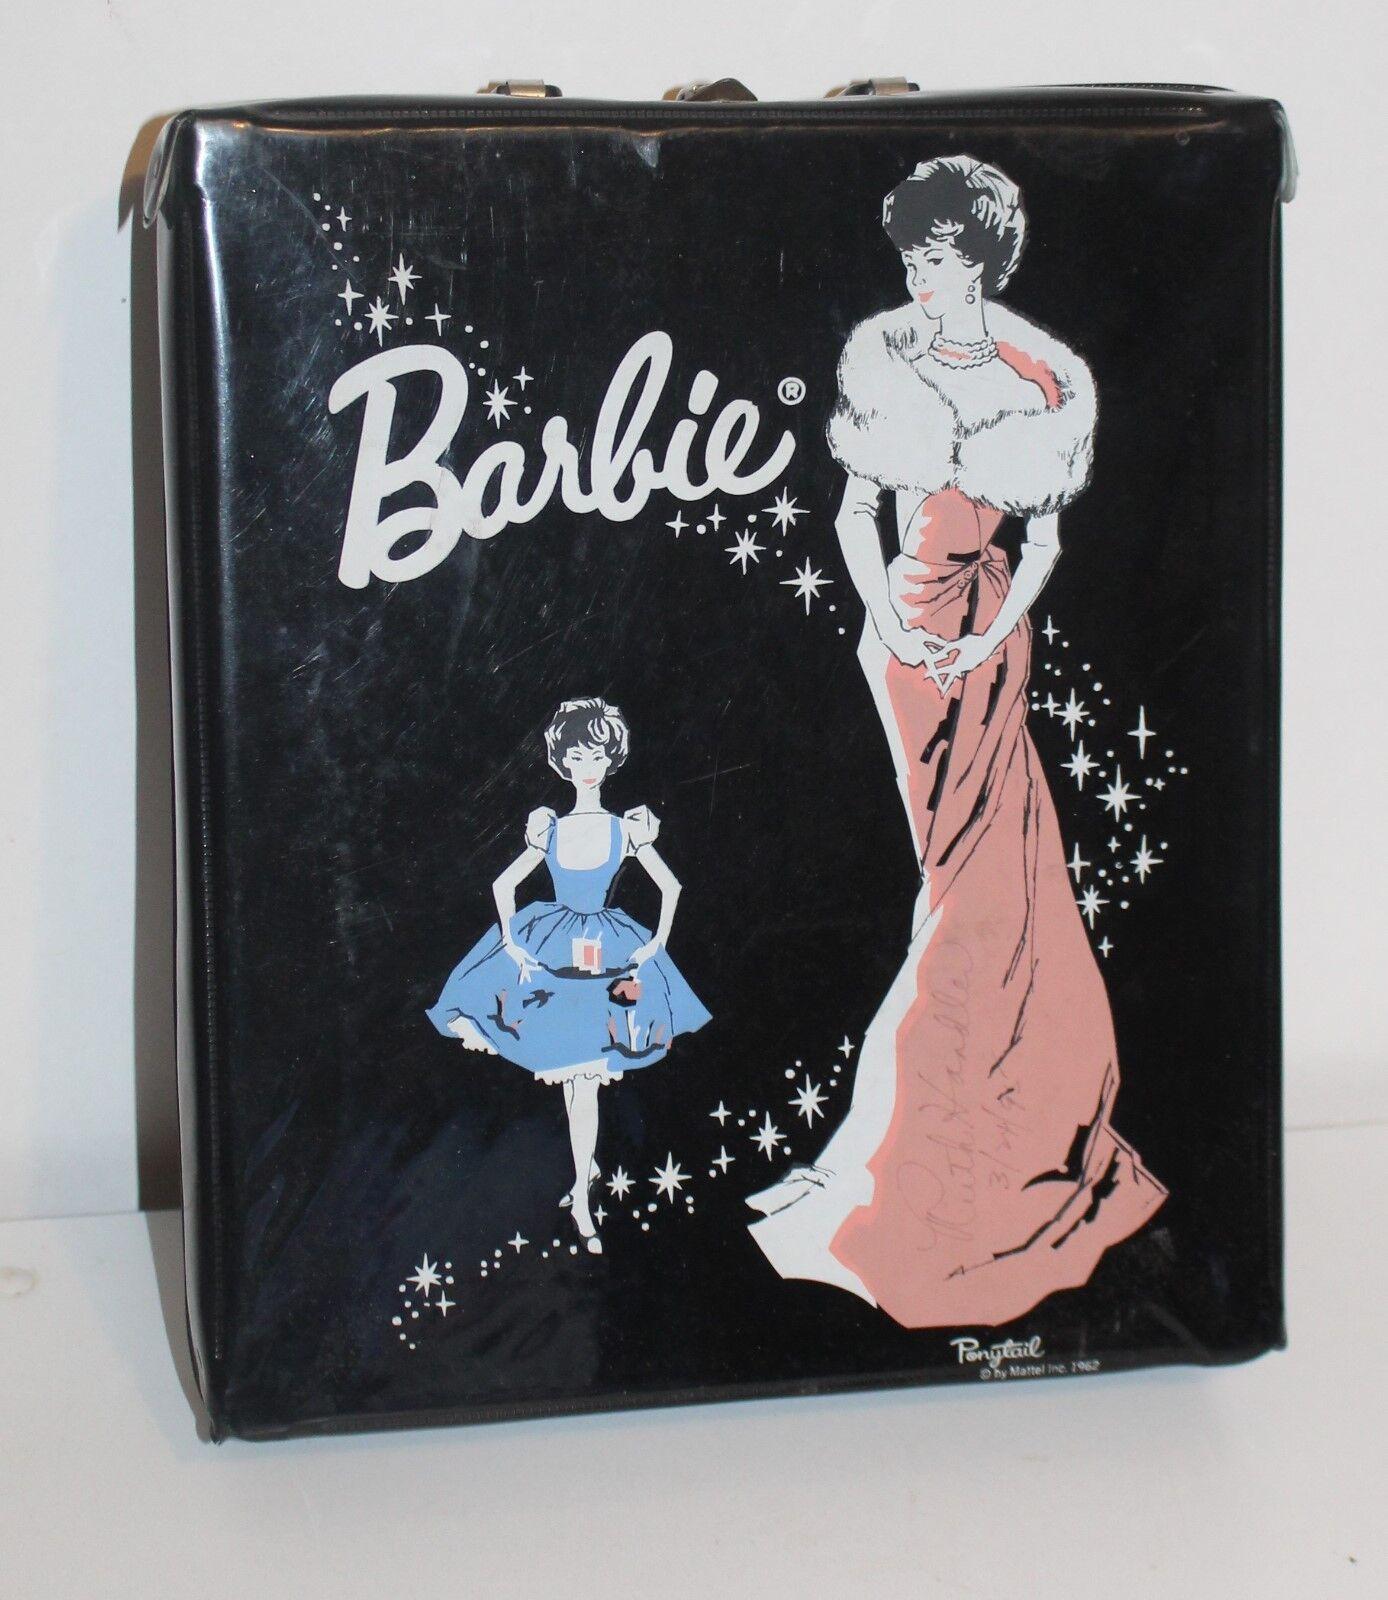 Autógrafo Ruth Handler De Colección Barbie 1962 Estuche Cola de Caballo Vinilo Negro Mattel